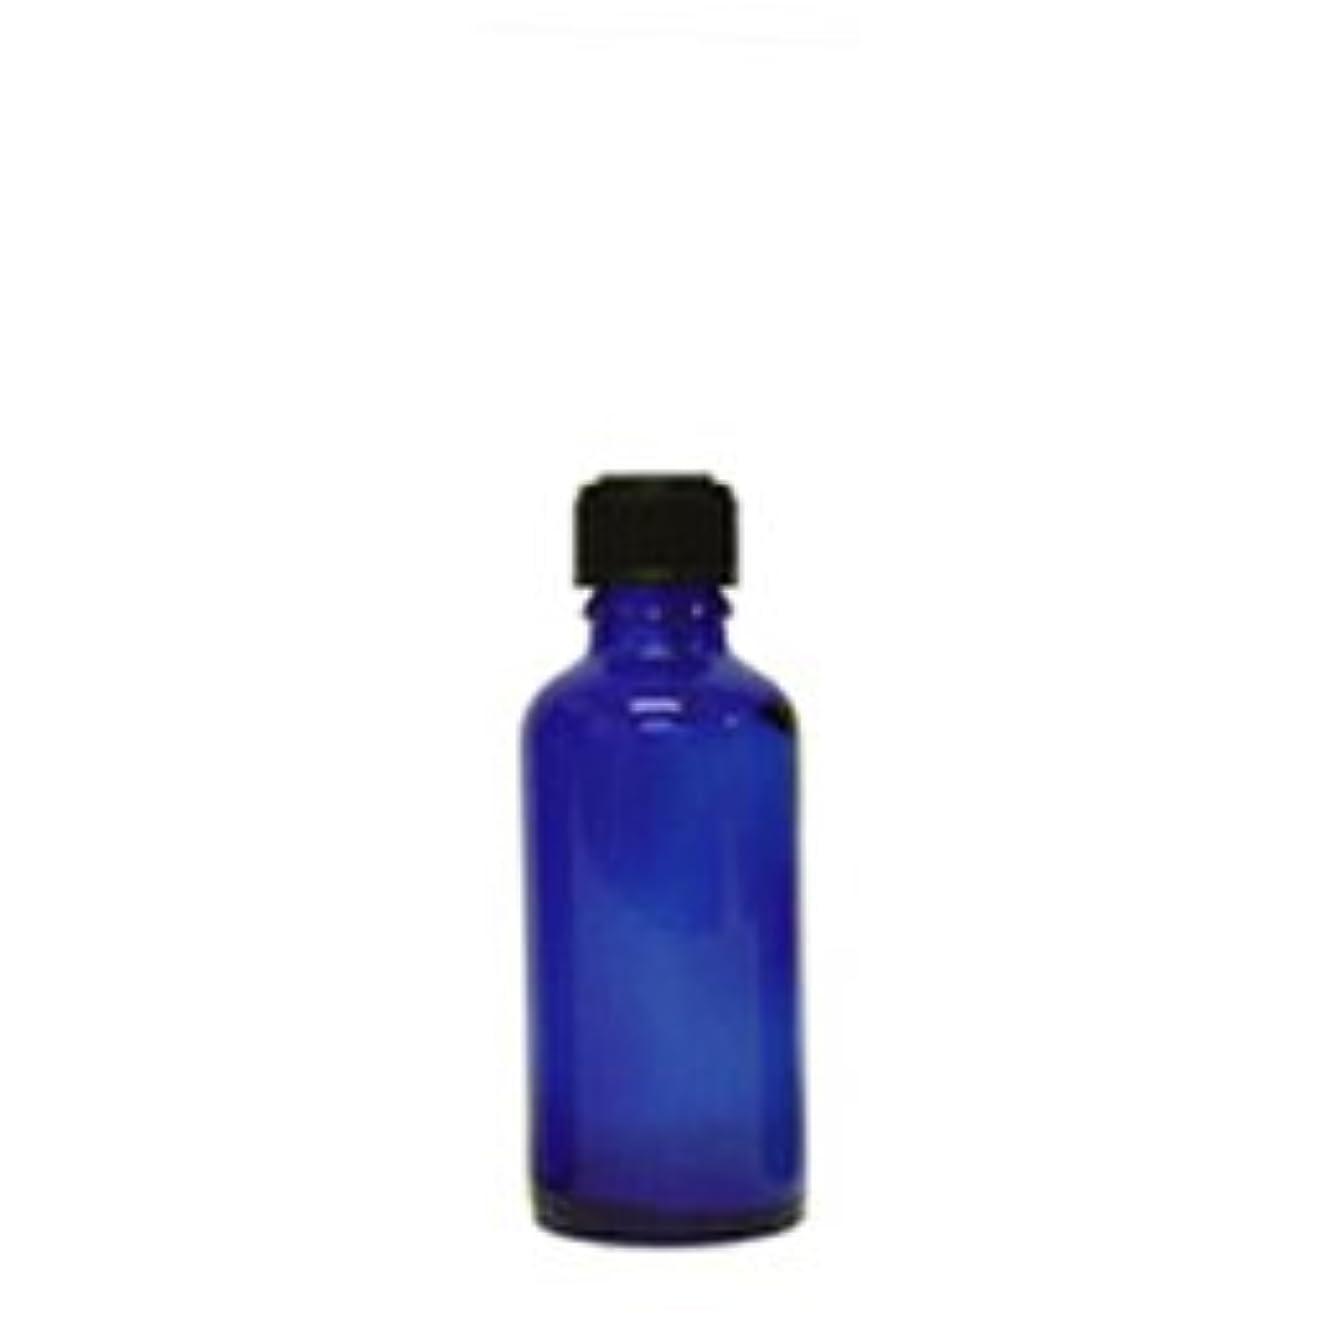 合理的グリルバンド青色遮光ビン 50ml (ドロッパー付)